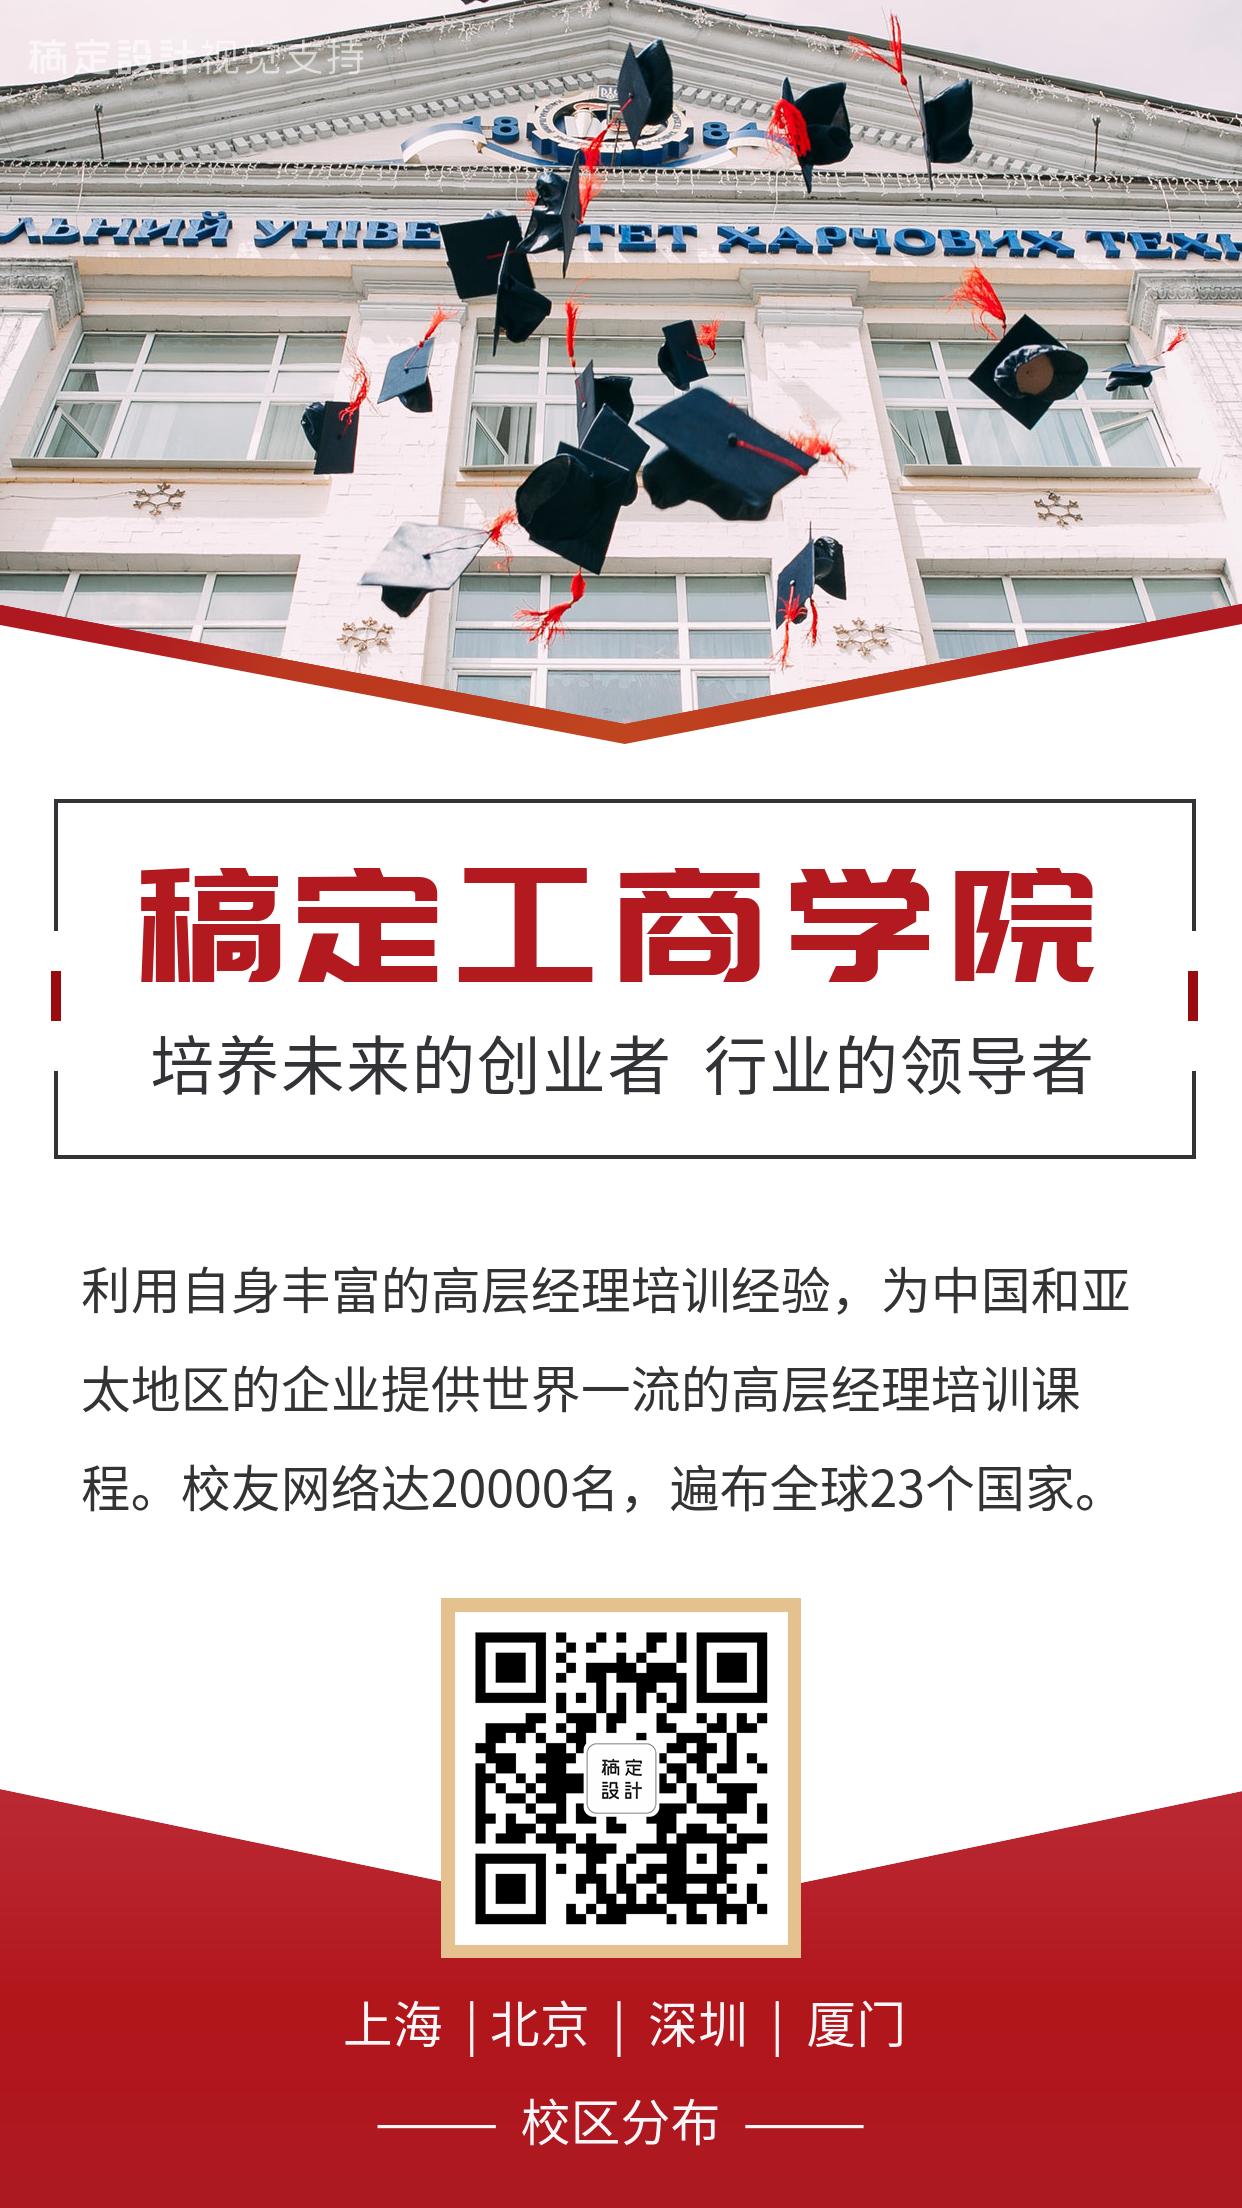 商学院介绍手机海报